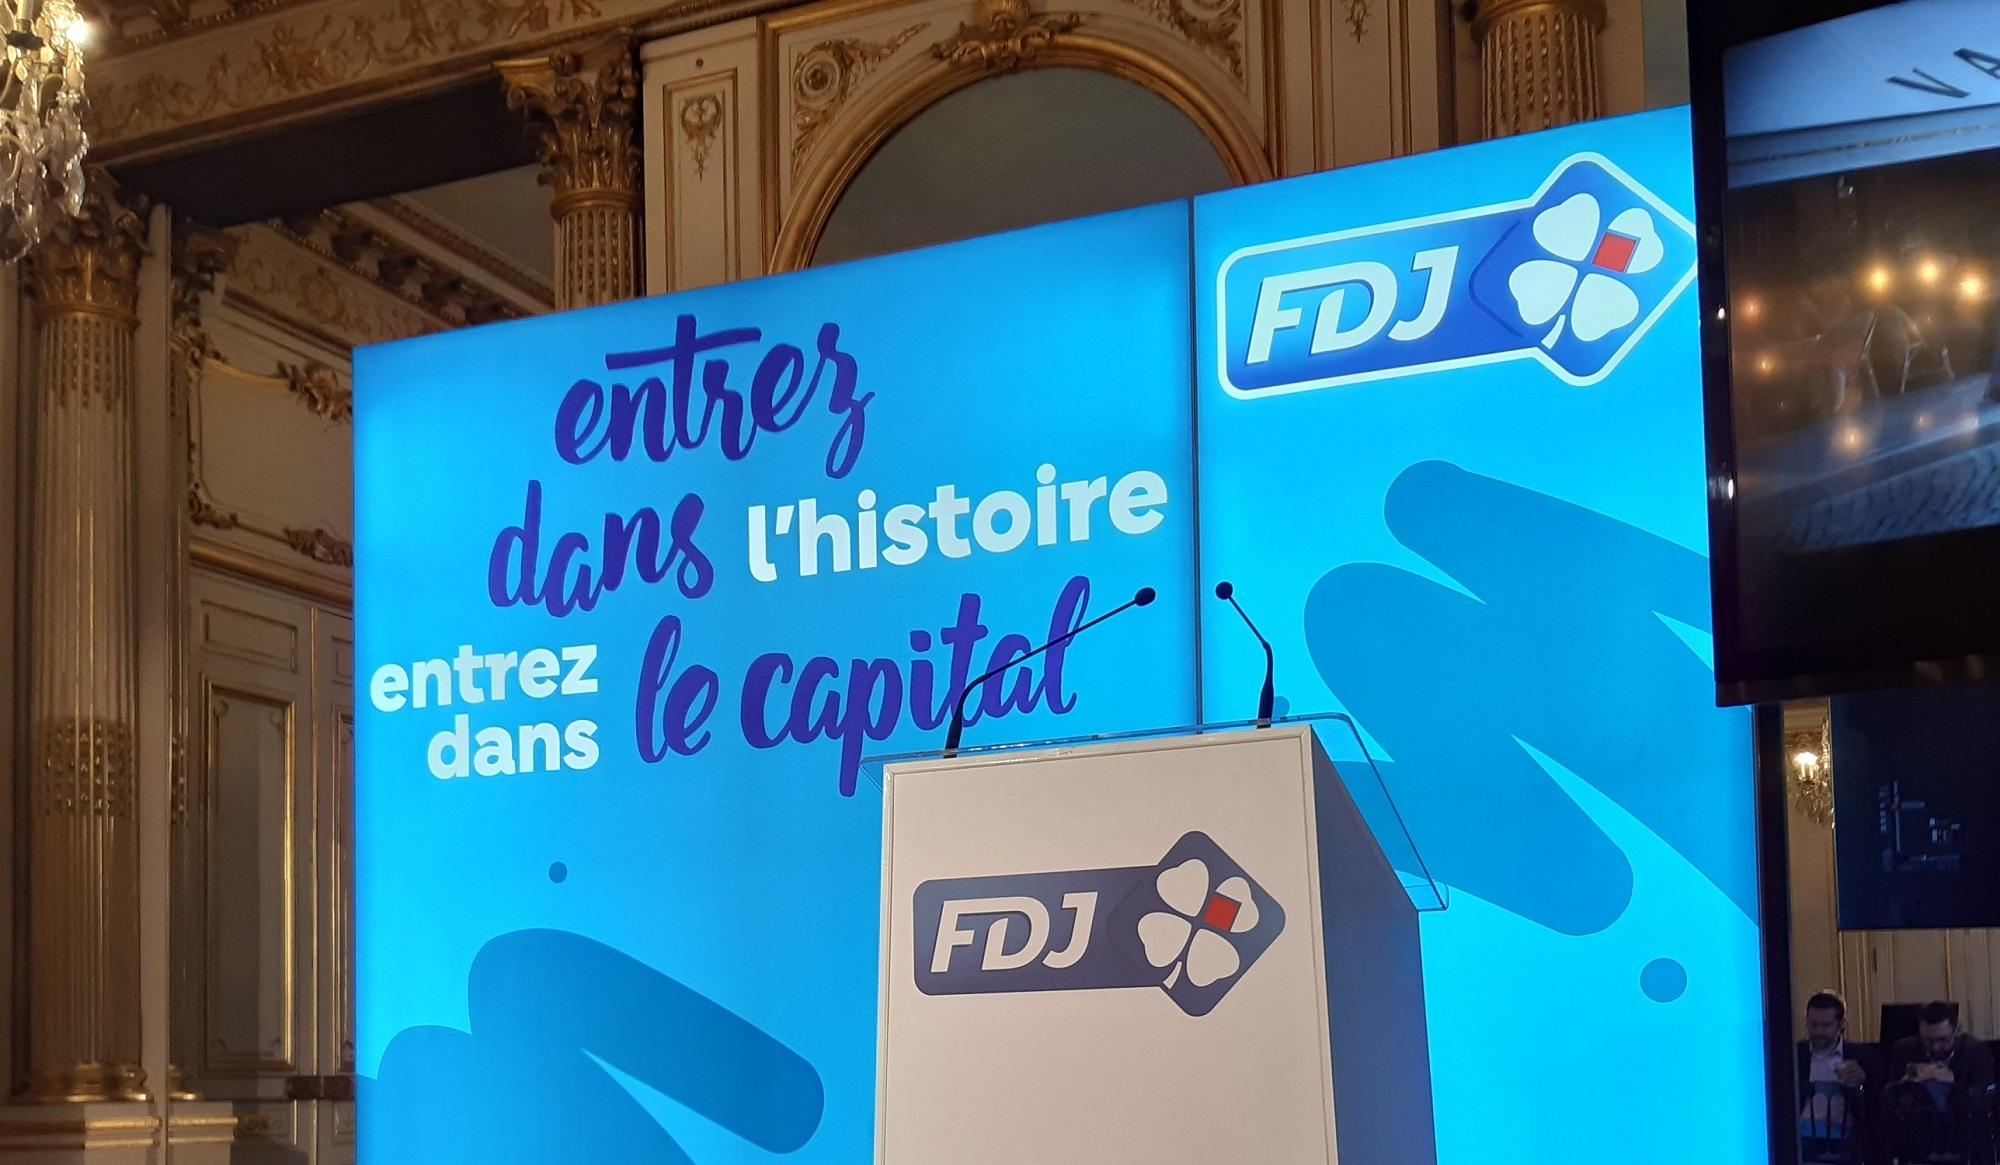 Fdj : Le prix d'introduction en Bourse de la FDJ devrait être de 19,90 euros